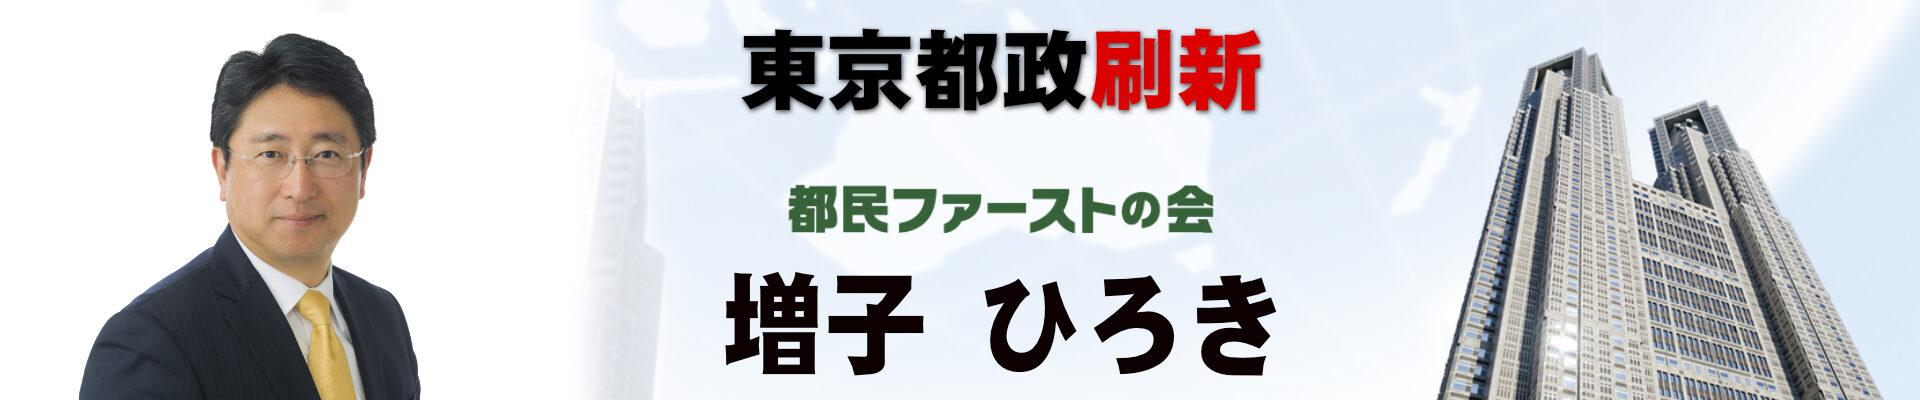 増子ひろき(ますこひろき)公式ホームページ